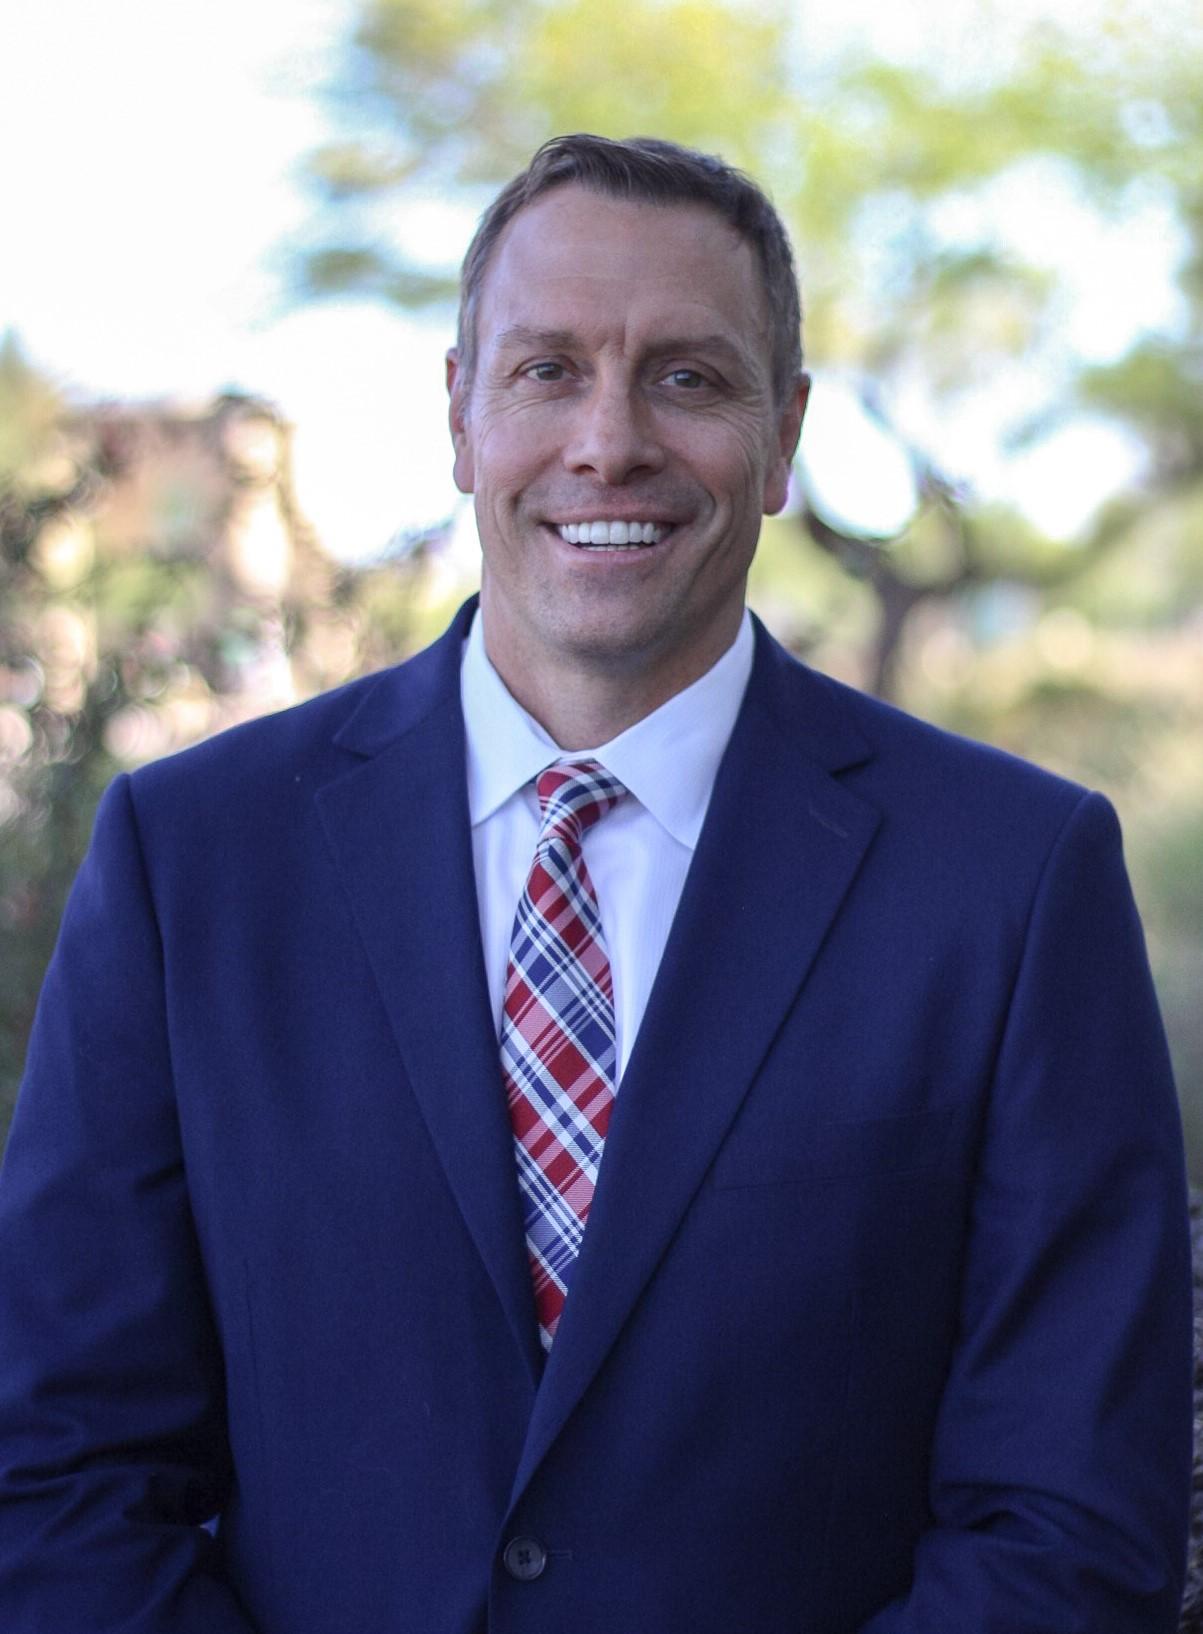 Matt Armistead